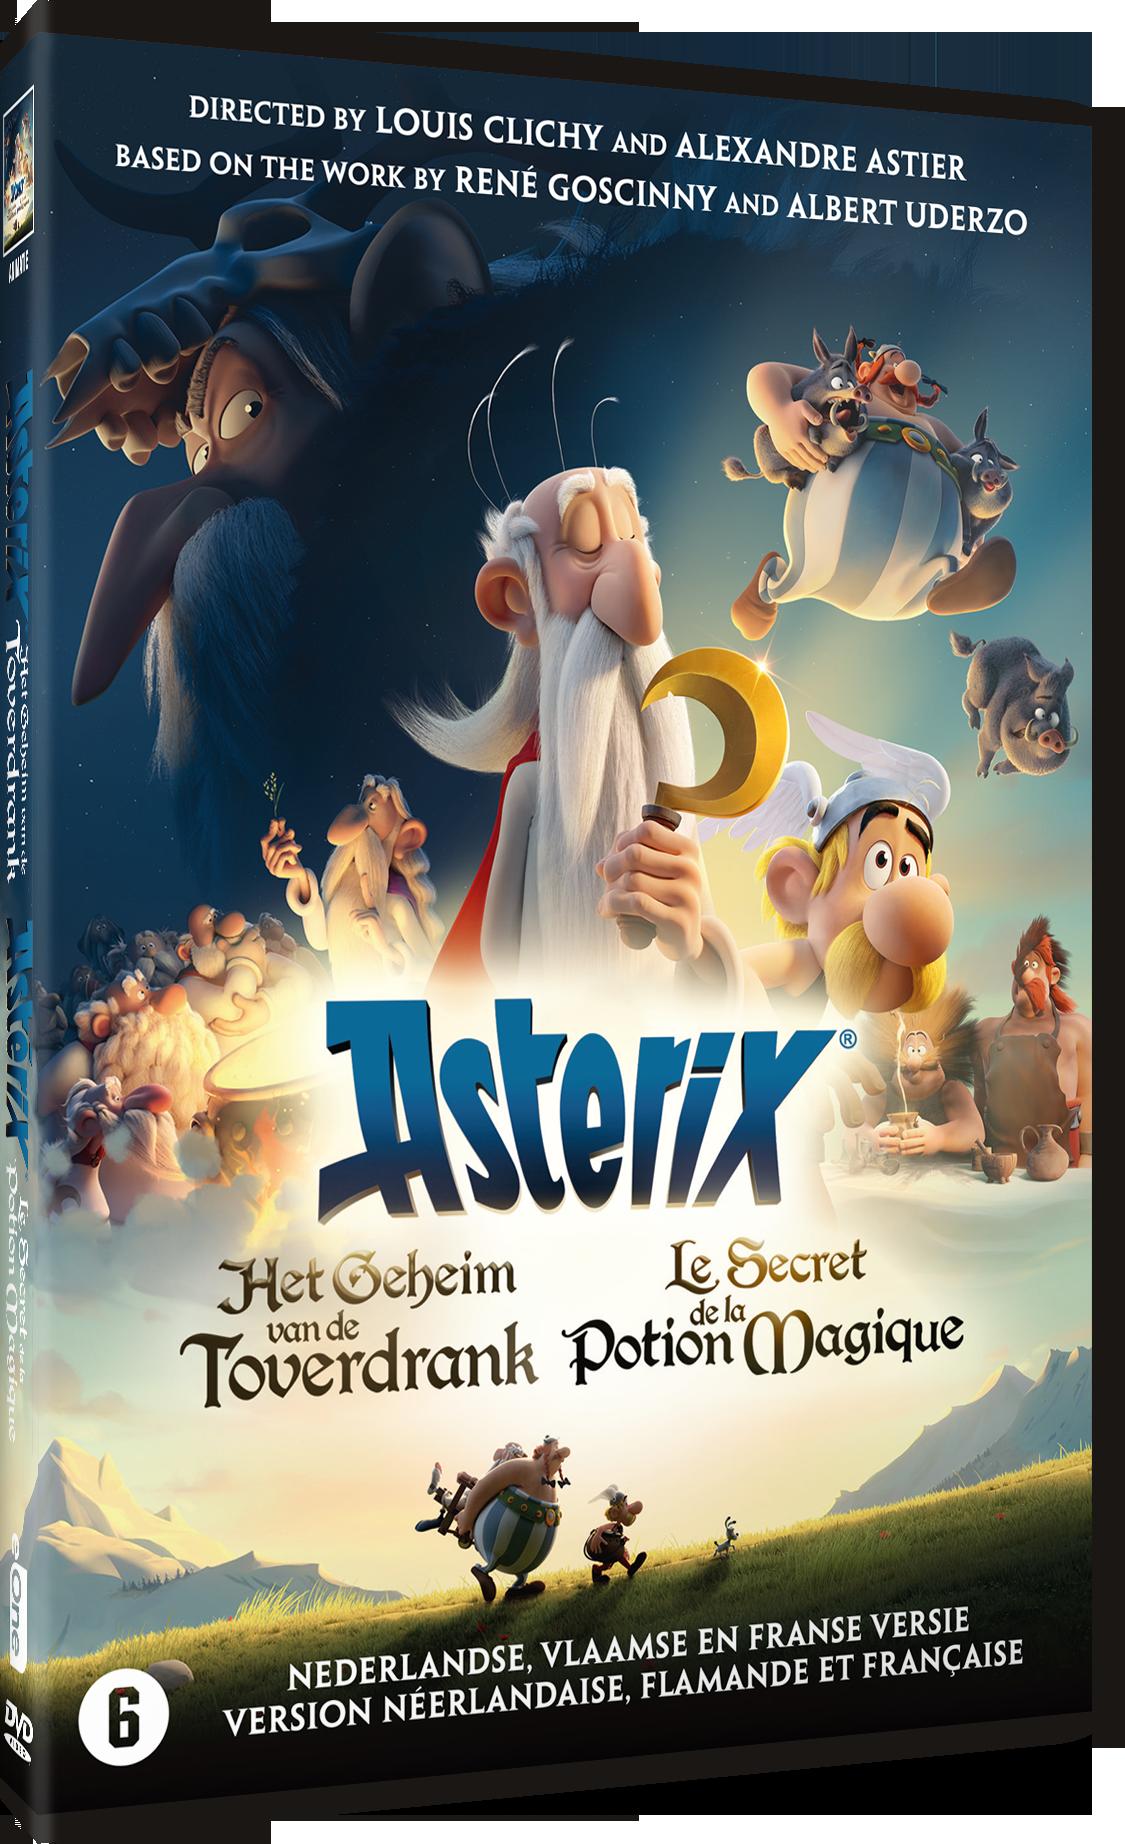 Asterix: Het Geheim van de Toverdrank - DVD Cover